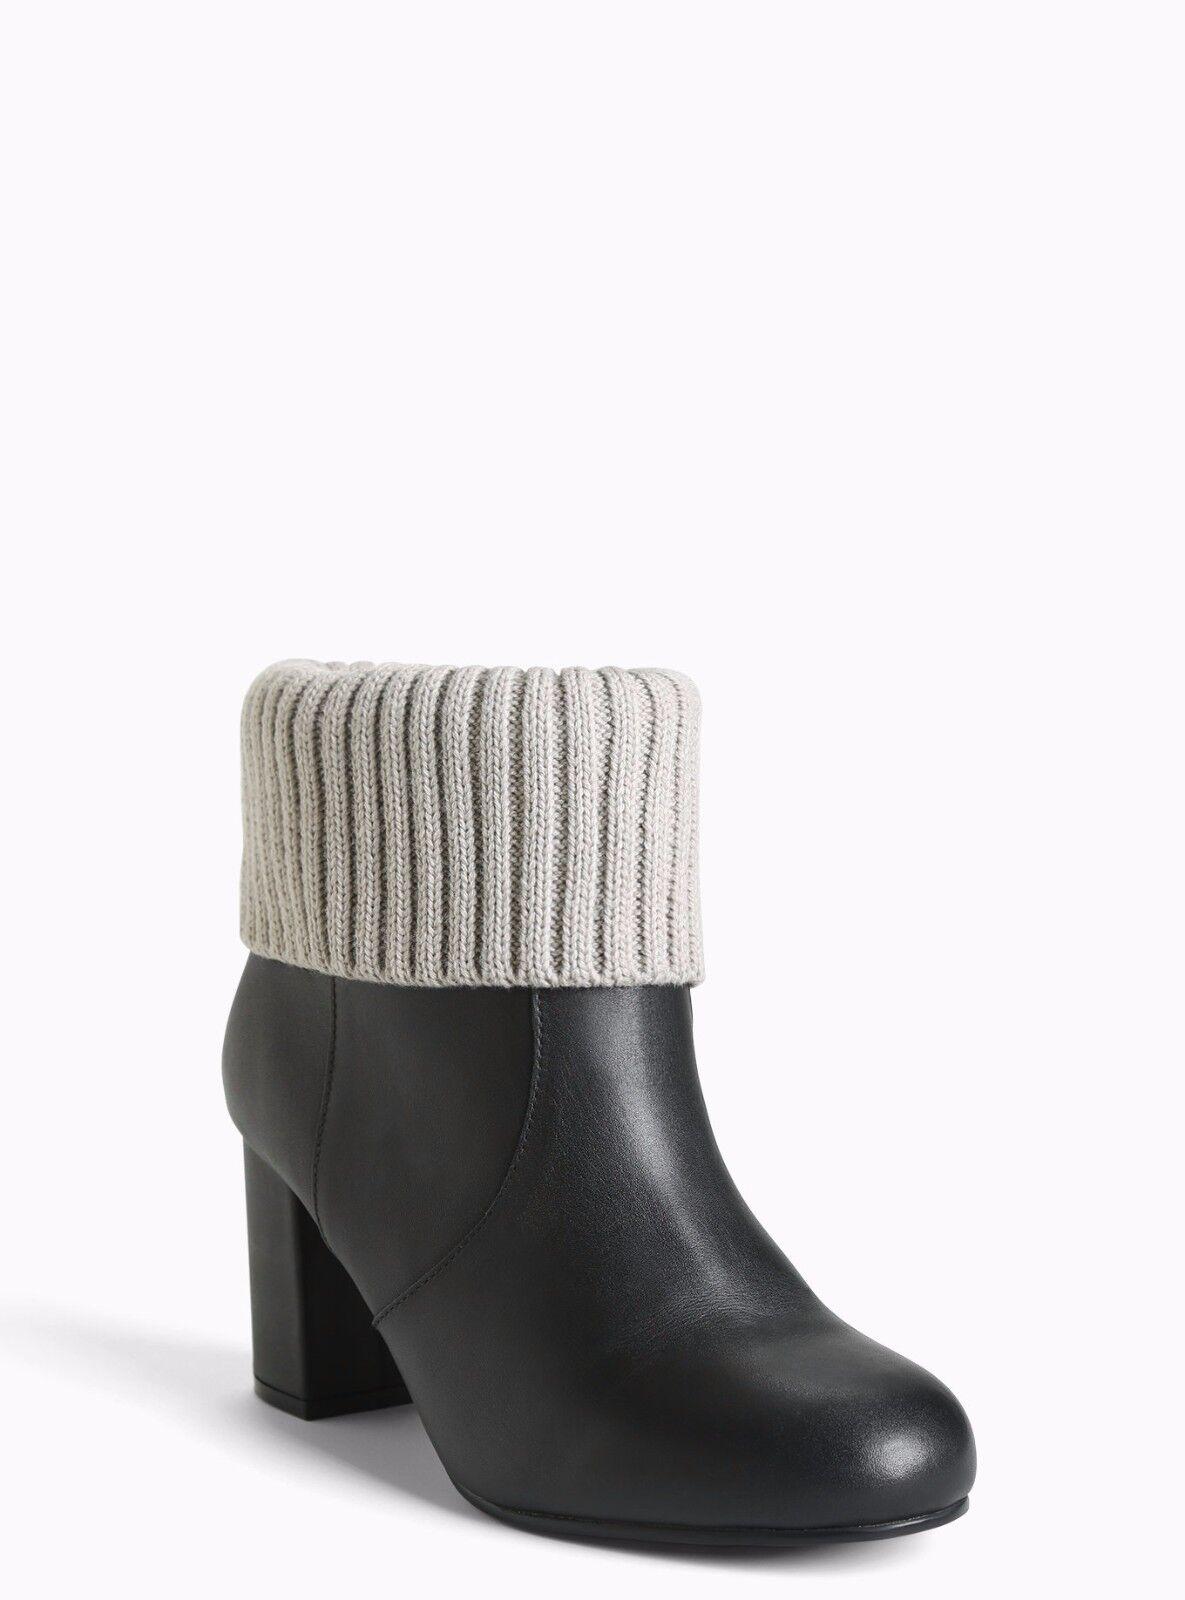 Torrid Genuine Leather Sweater Knit Top Booties wide width Black 9.5  47862